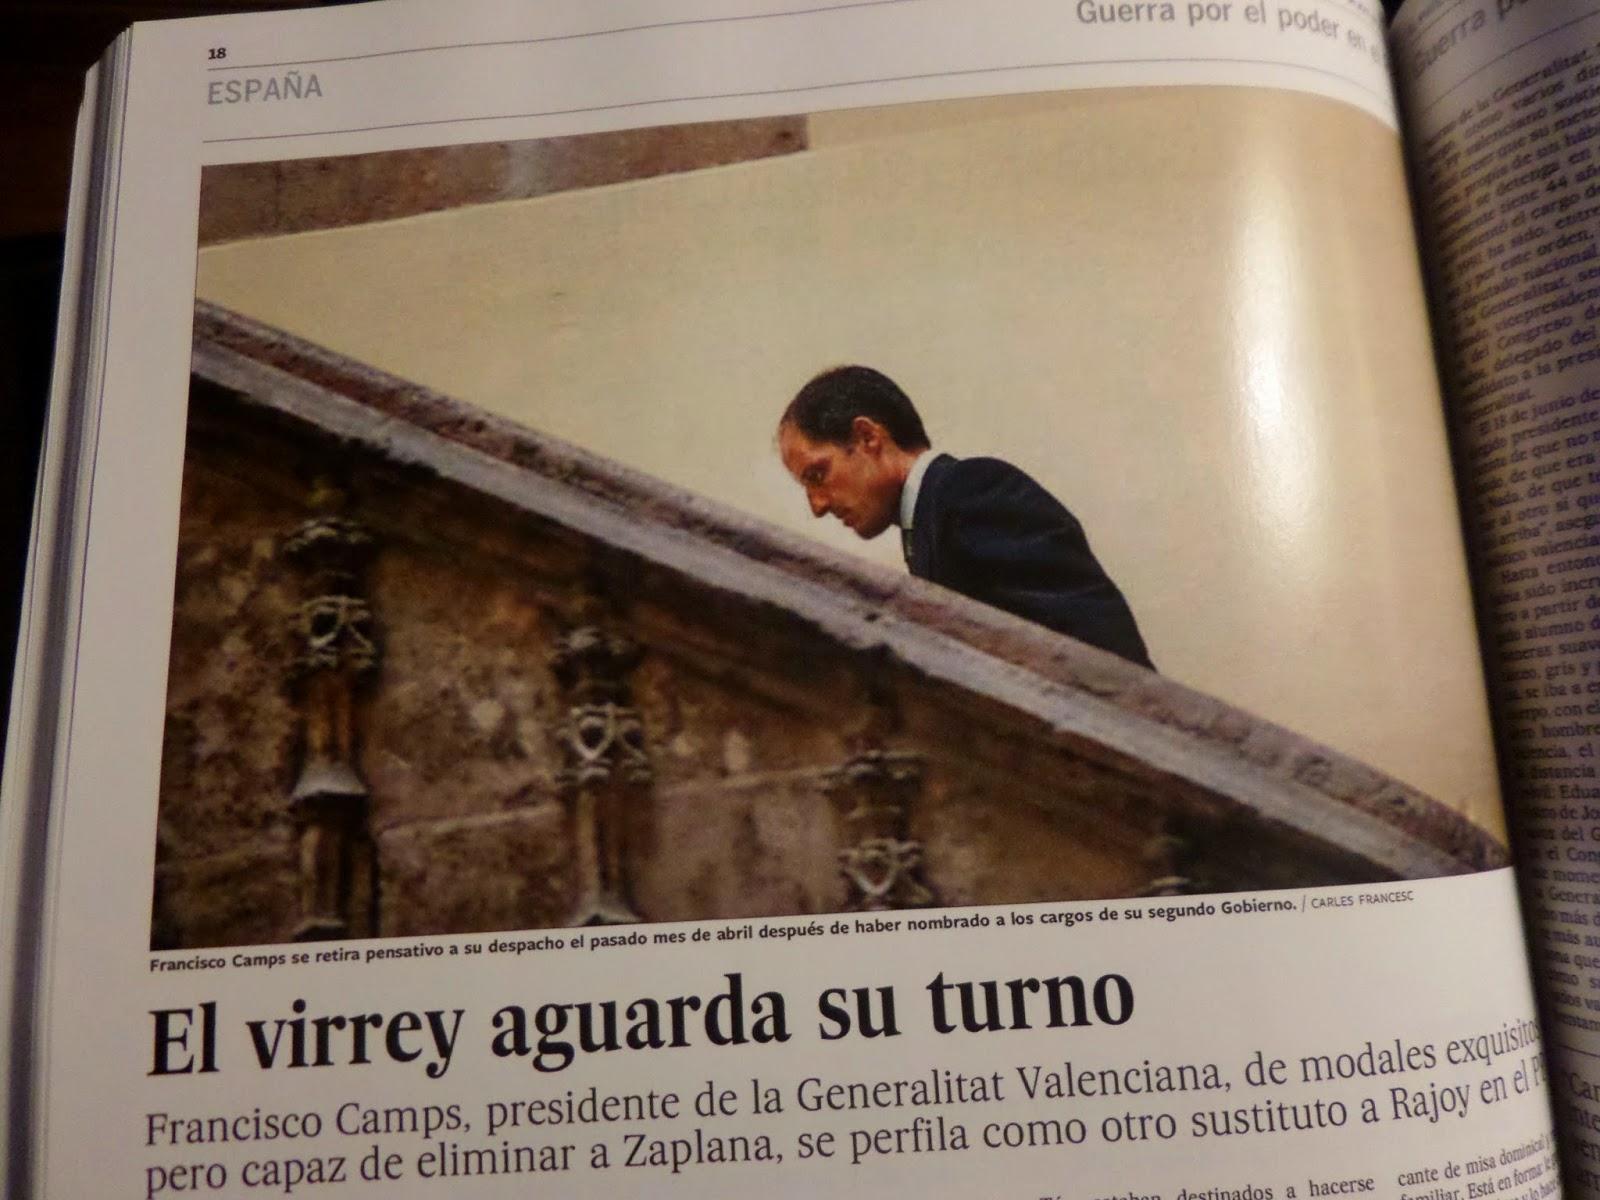 Antonio Jiménez Barca, En qué estaría yo pensando, El País, errores periodismo